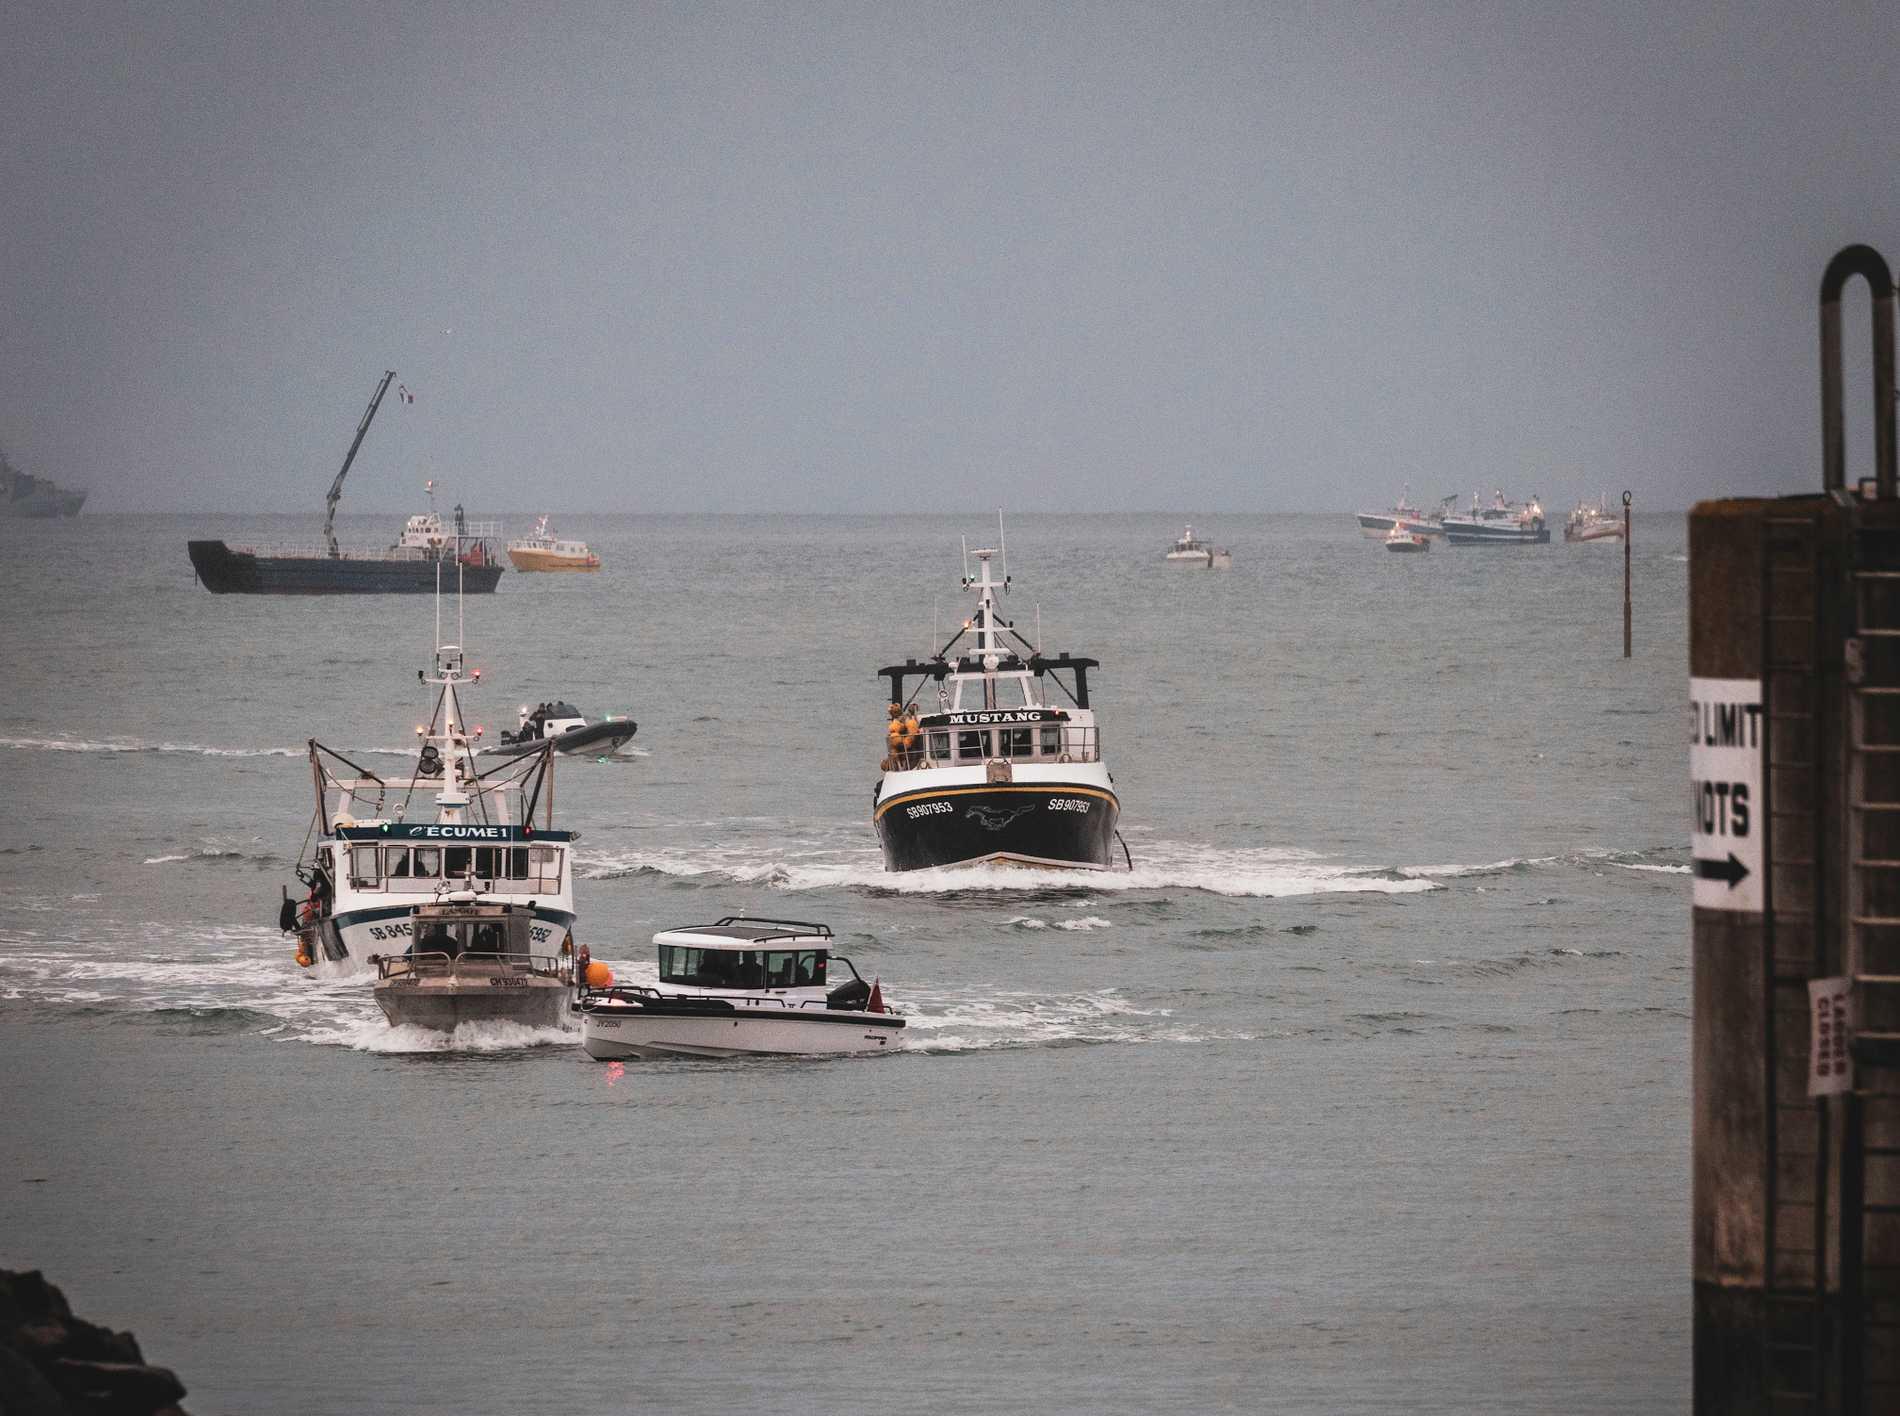 Villkoren för hur främst franska båtar ska få fiska utanför Jersey har debatterats sedan brexit. Arkivbild.